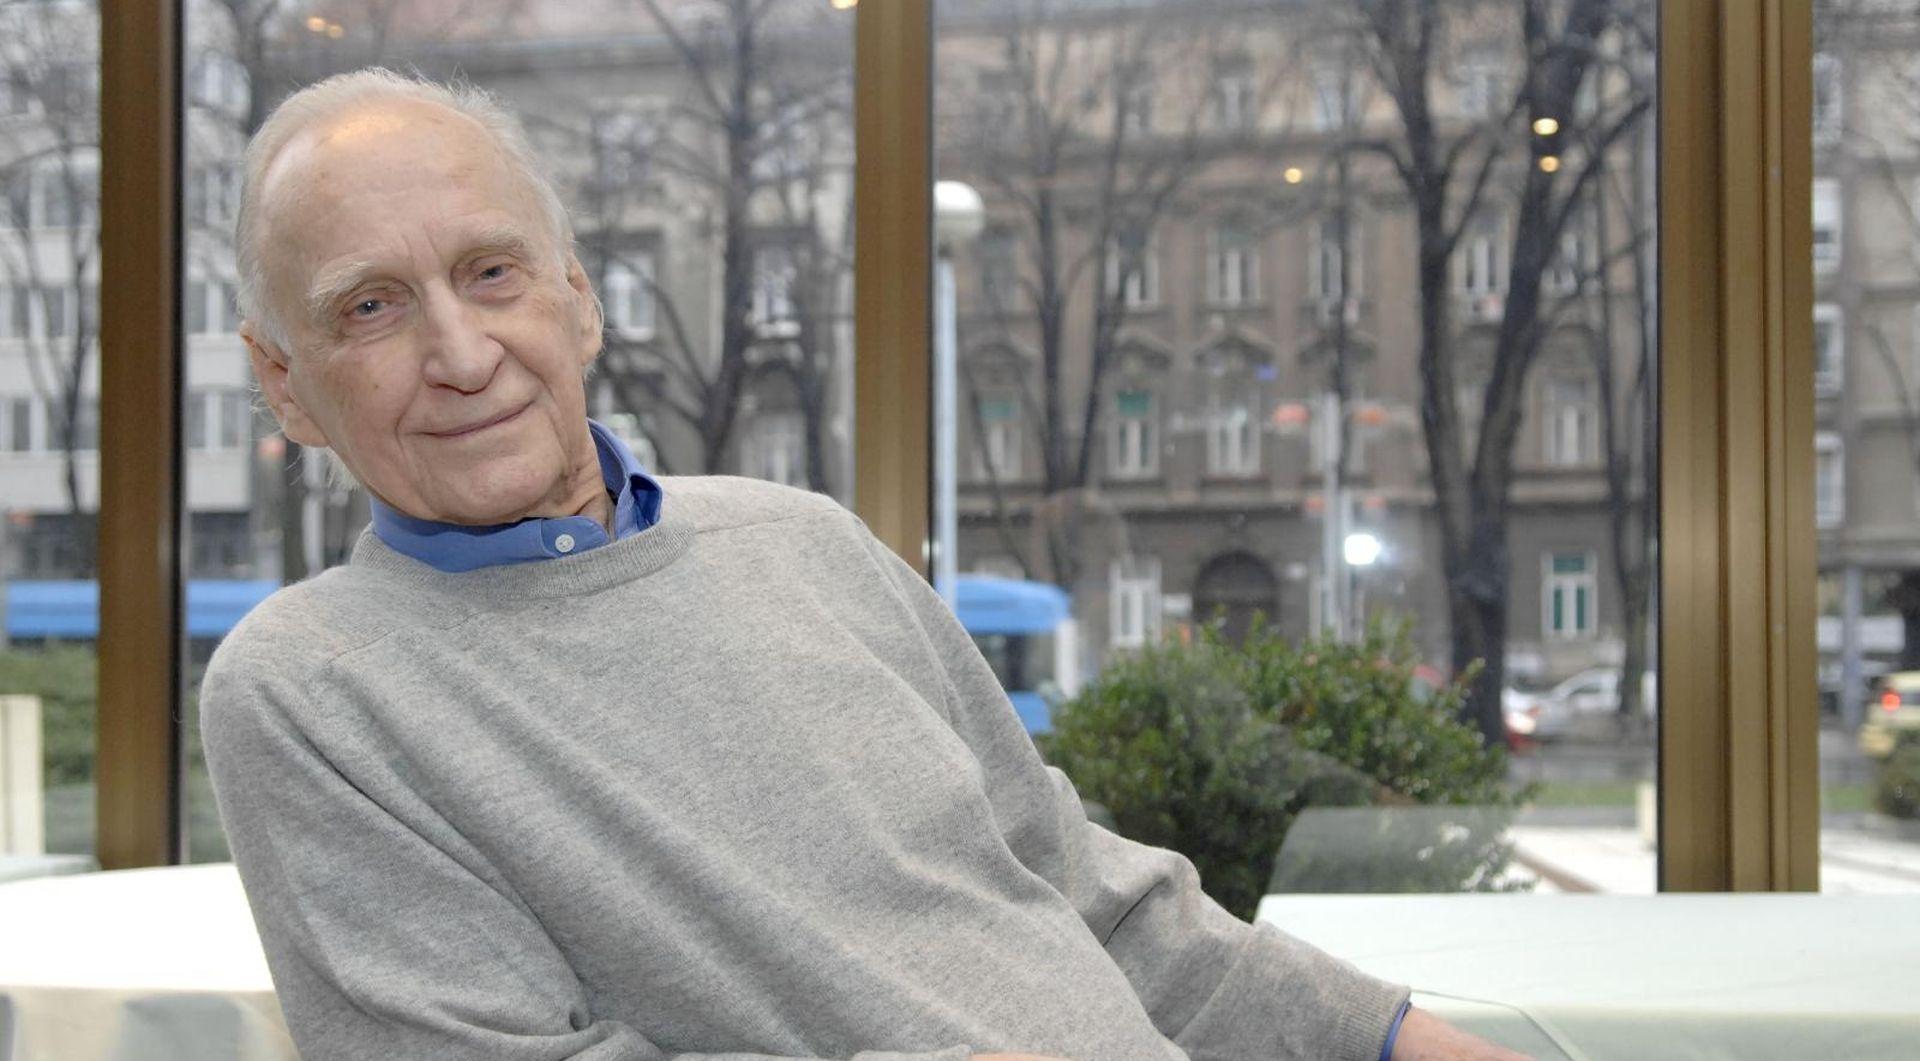 FELJTON: HRVATSKA ŠUTNJA U Europi je slavan, u Zagrebu nepodoban